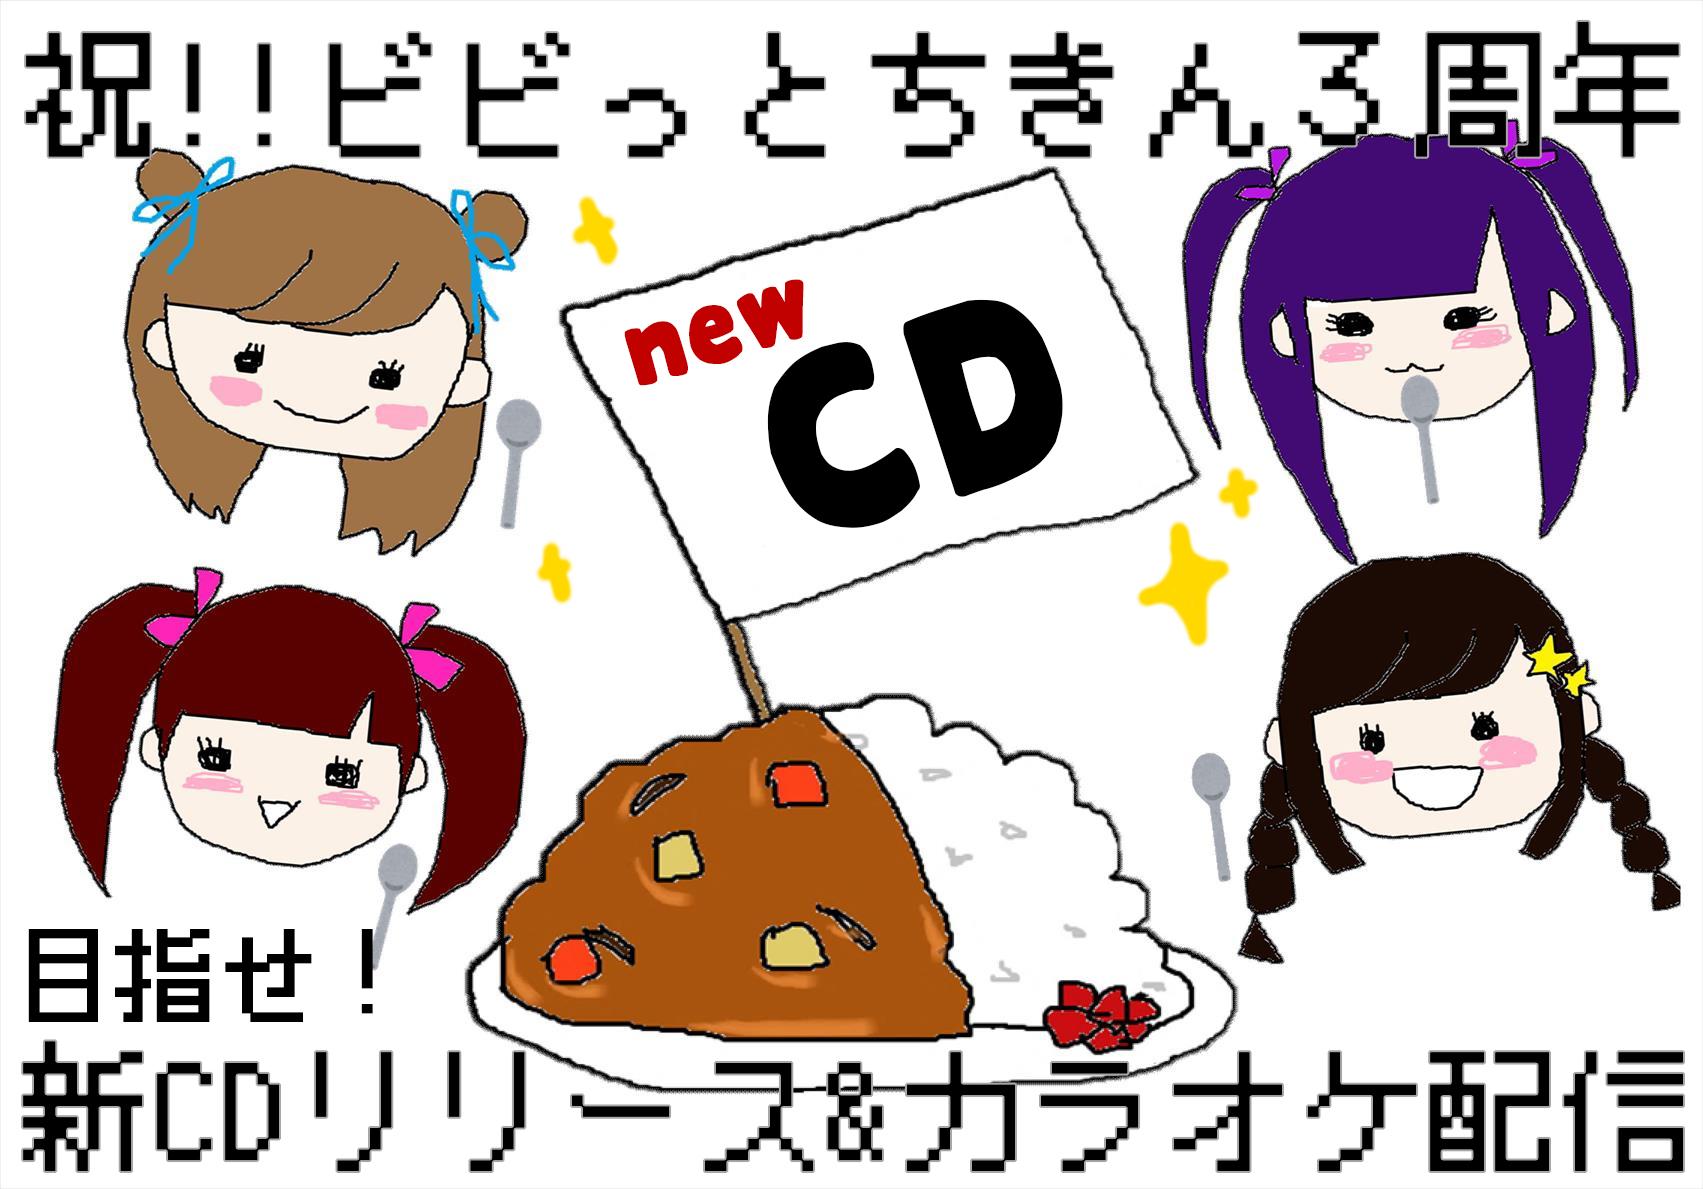 【ビビっとちきん】3周年記念!CDリリースプロモーション!